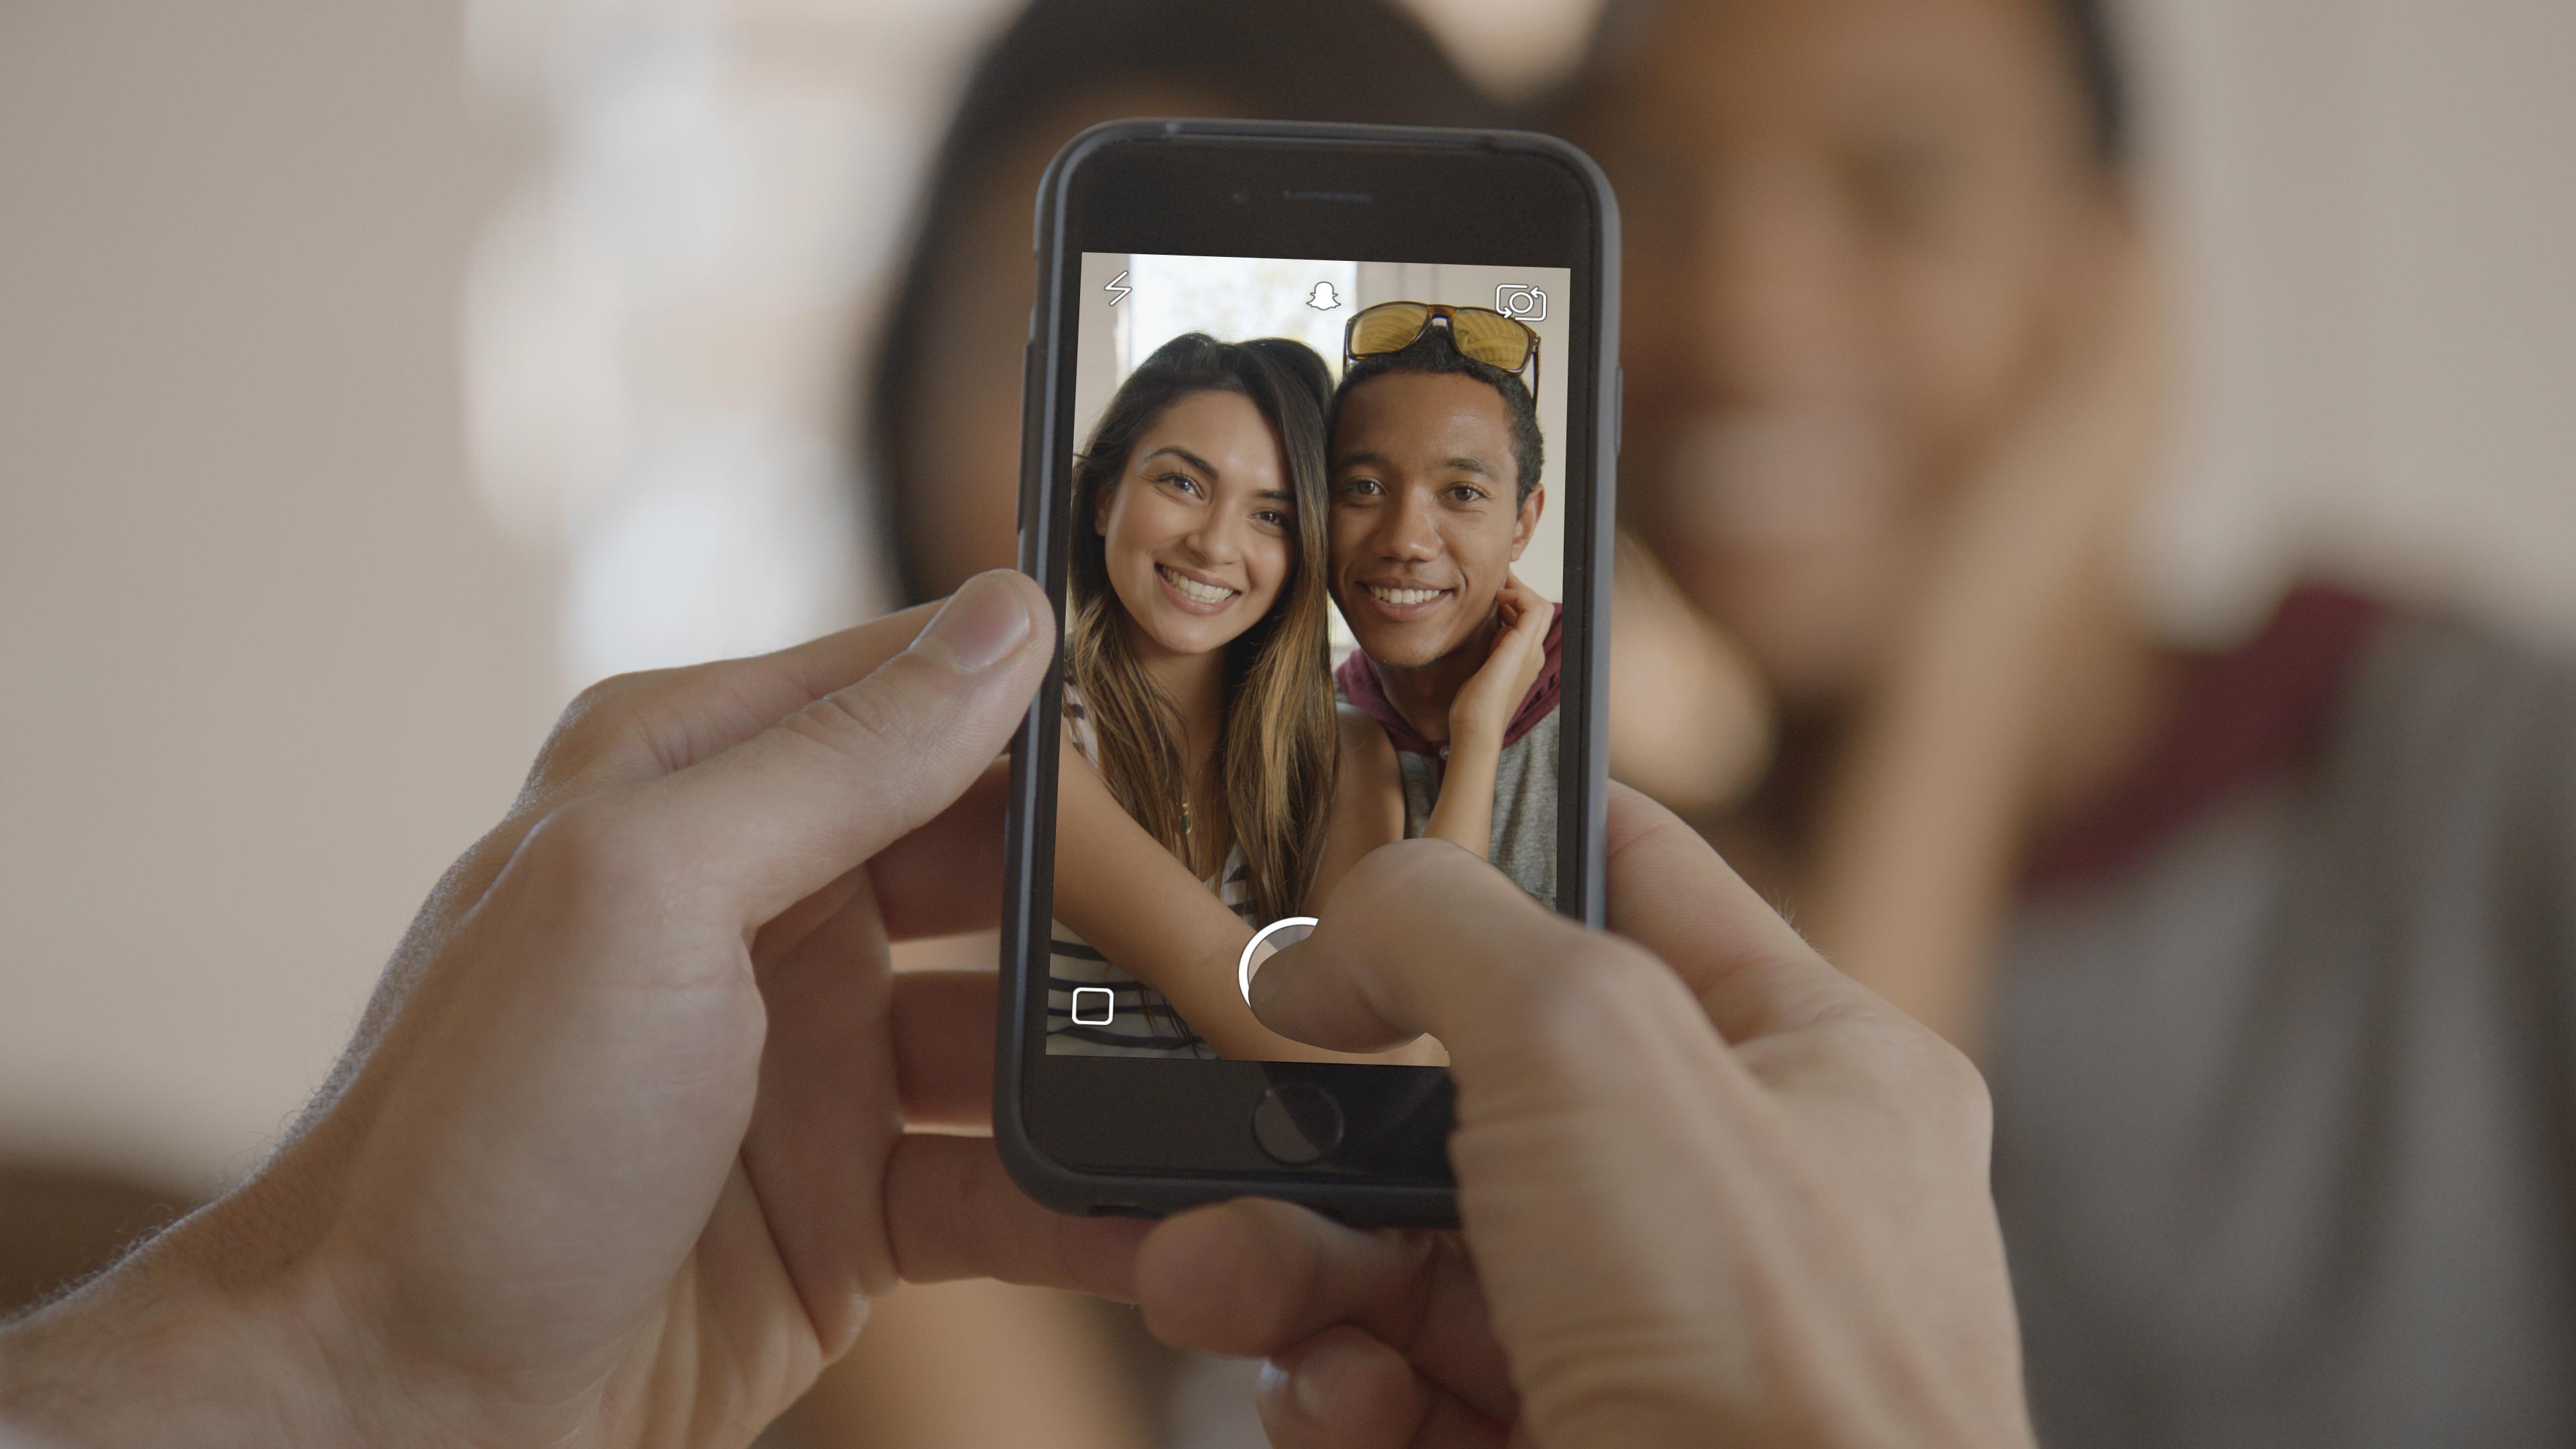 Enkelte brukere opplever problemer med å koble til Snapchat.